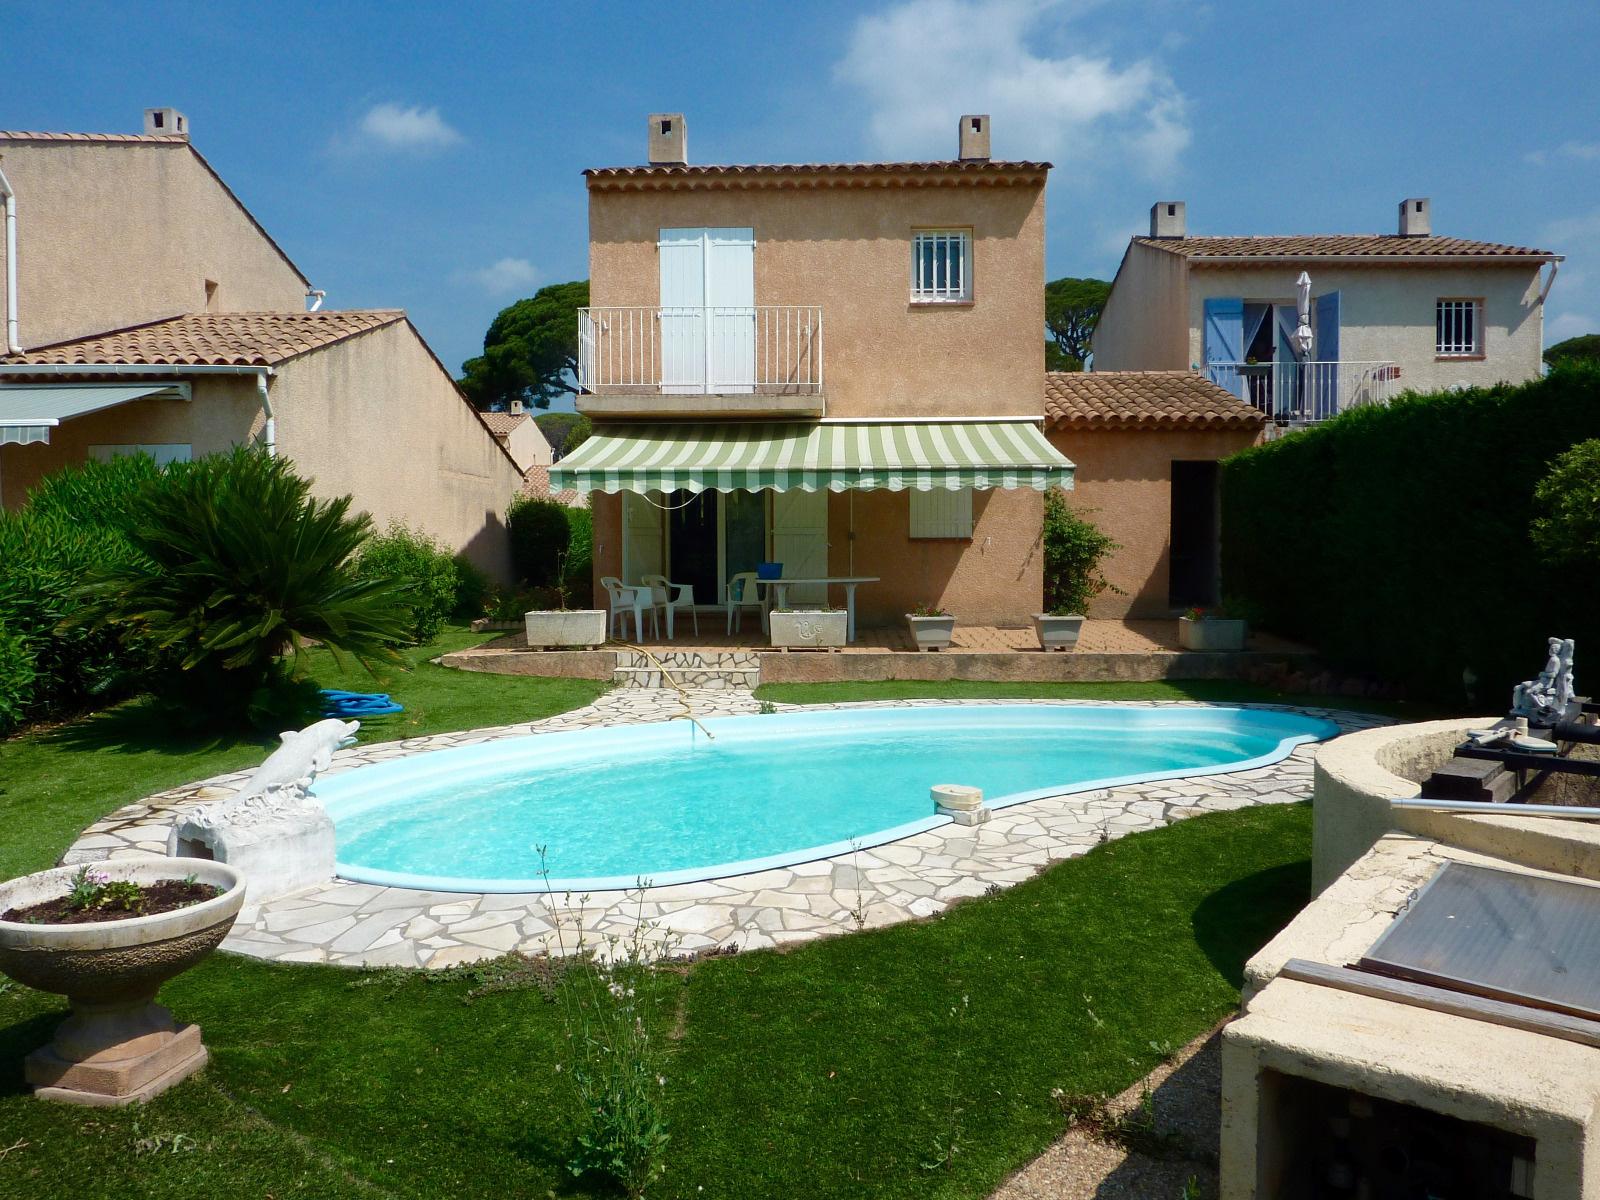 Frejus maison 3 pieces avec piscine et garage